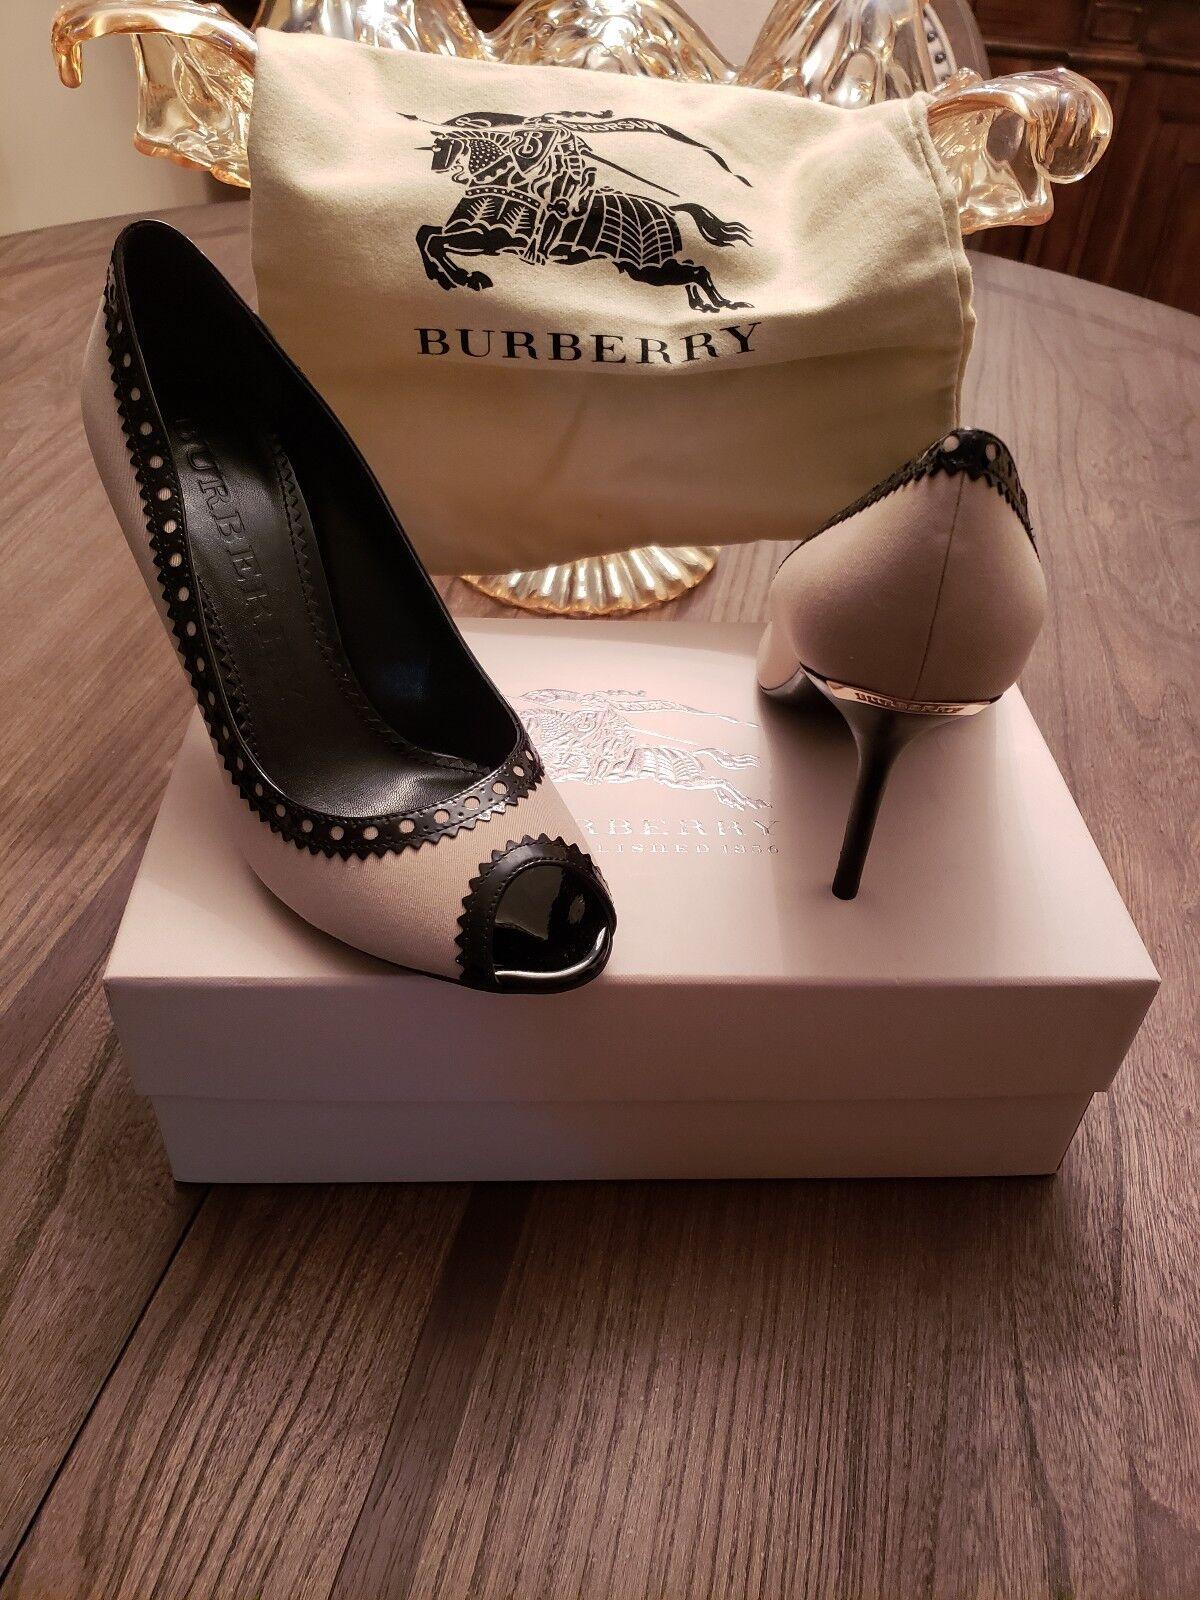 Burberry Brogue Stockton  Canvas &Patent Leather Pump,Dimensione 9.5  buon prezzo